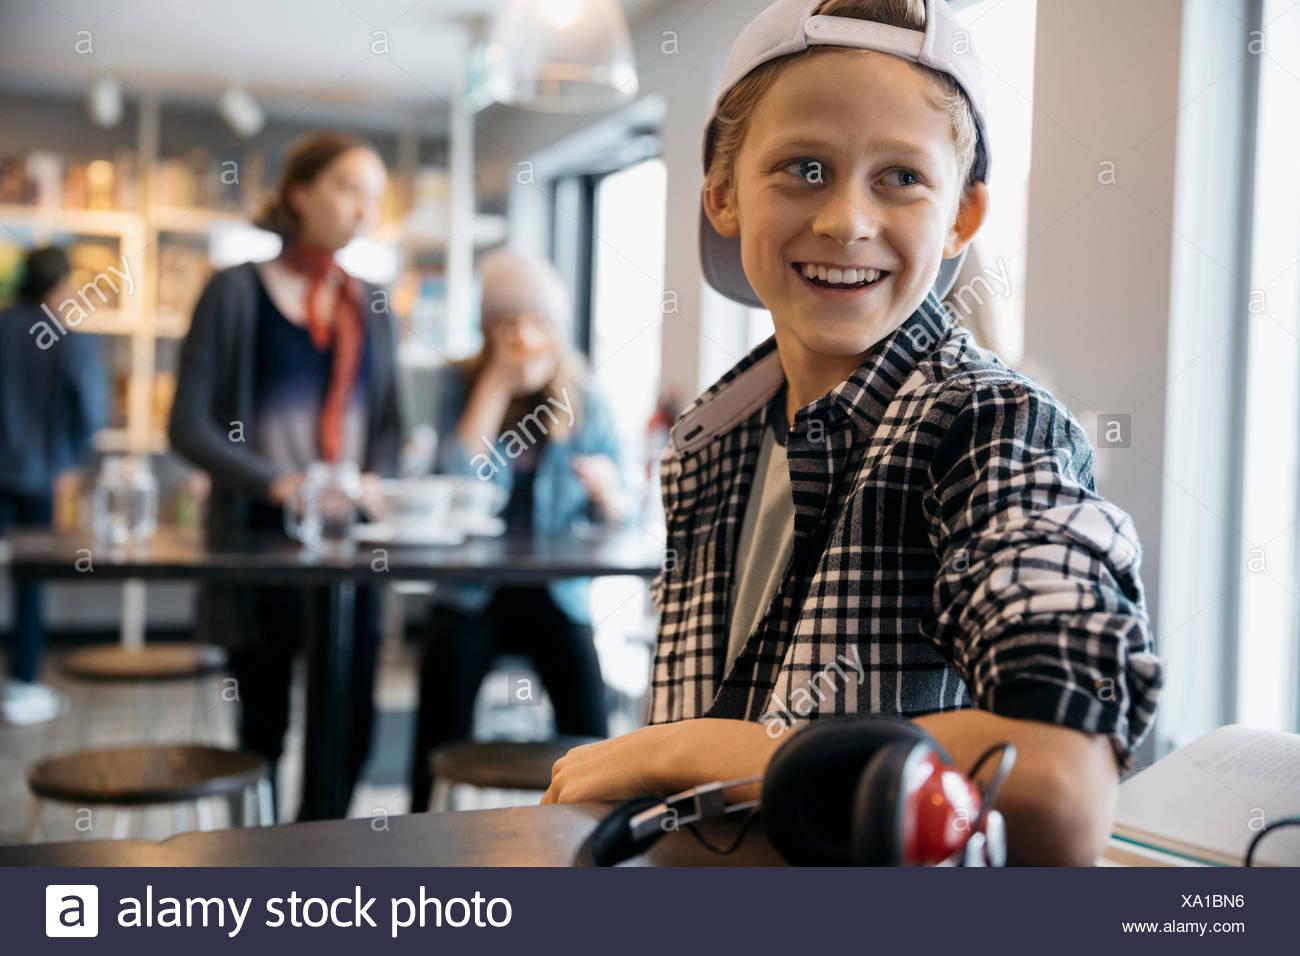 Sorridente Caucasian high school boy studente che sta cercando di distanza in cafe Immagini Stock